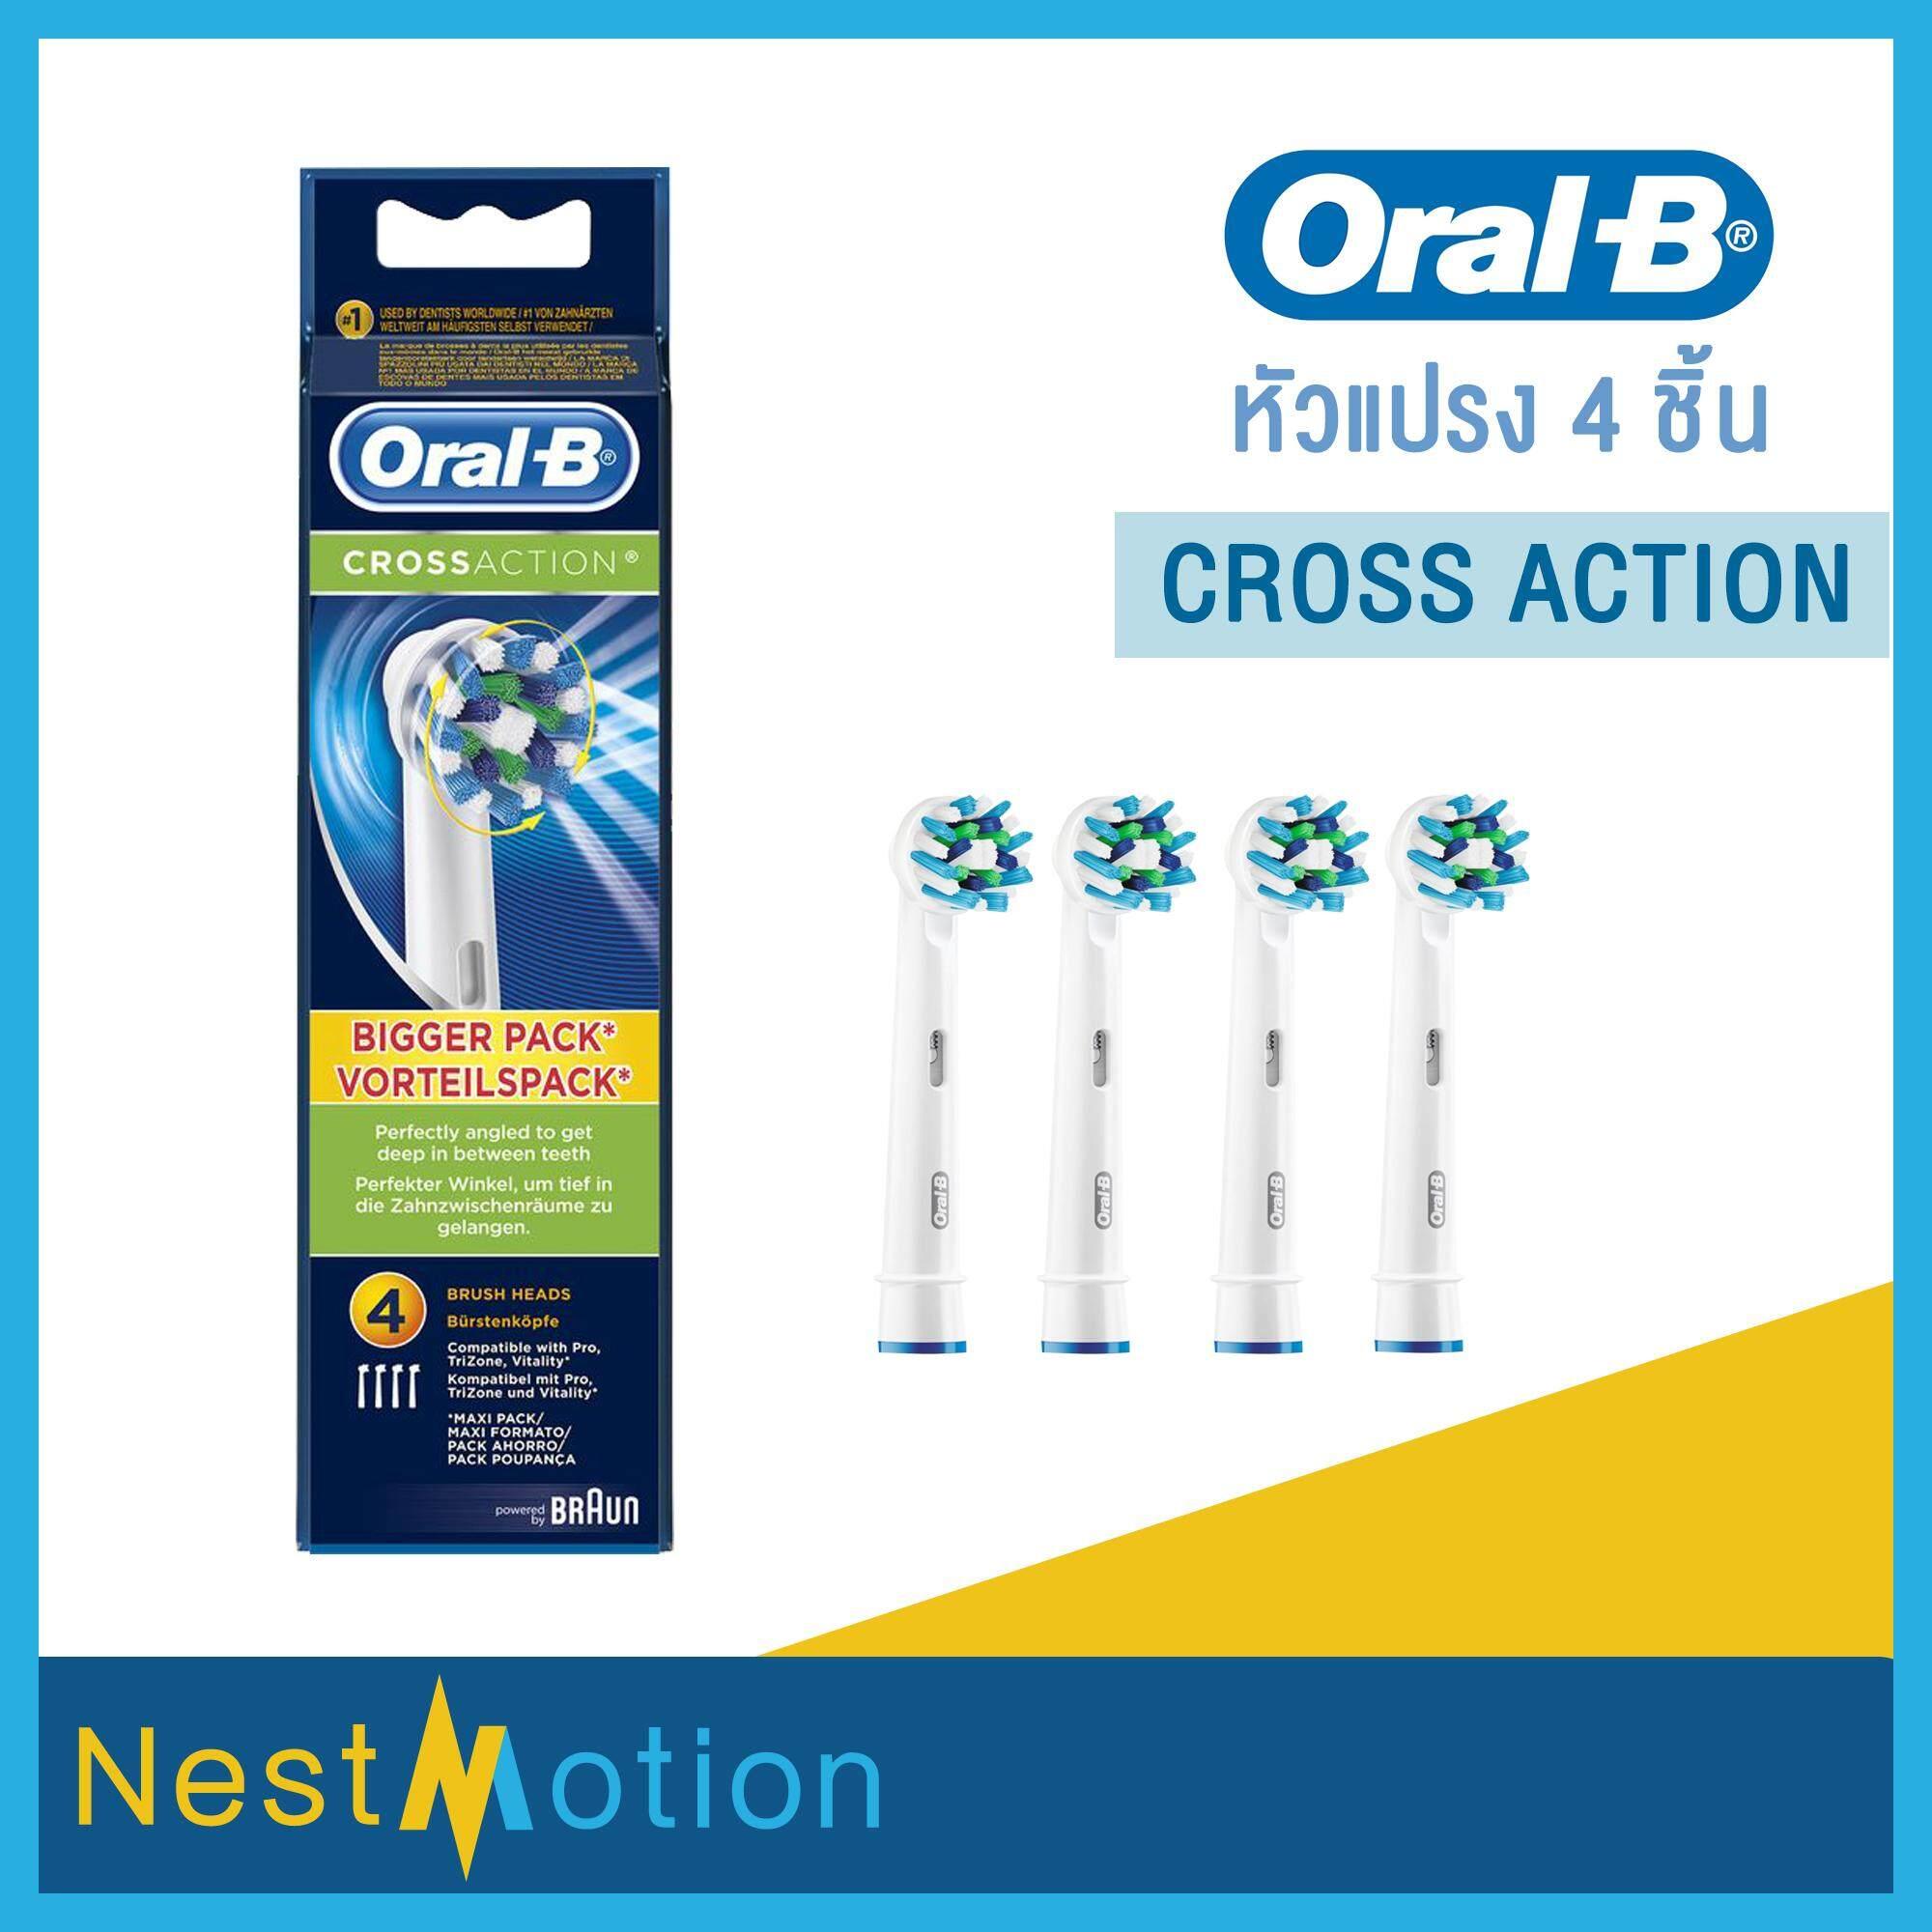 แปรงสีฟันไฟฟ้า ทำความสะอาดทุกซี่ฟันอย่างหมดจด กาฬสินธุ์ Oral B หัวแปรงสีฟันไฟฟ้า รุ่น Precision clean   Cross action   Fross action   sensi ultrathin   3DWhite แพคบรรจุ 4 หัวแปรง